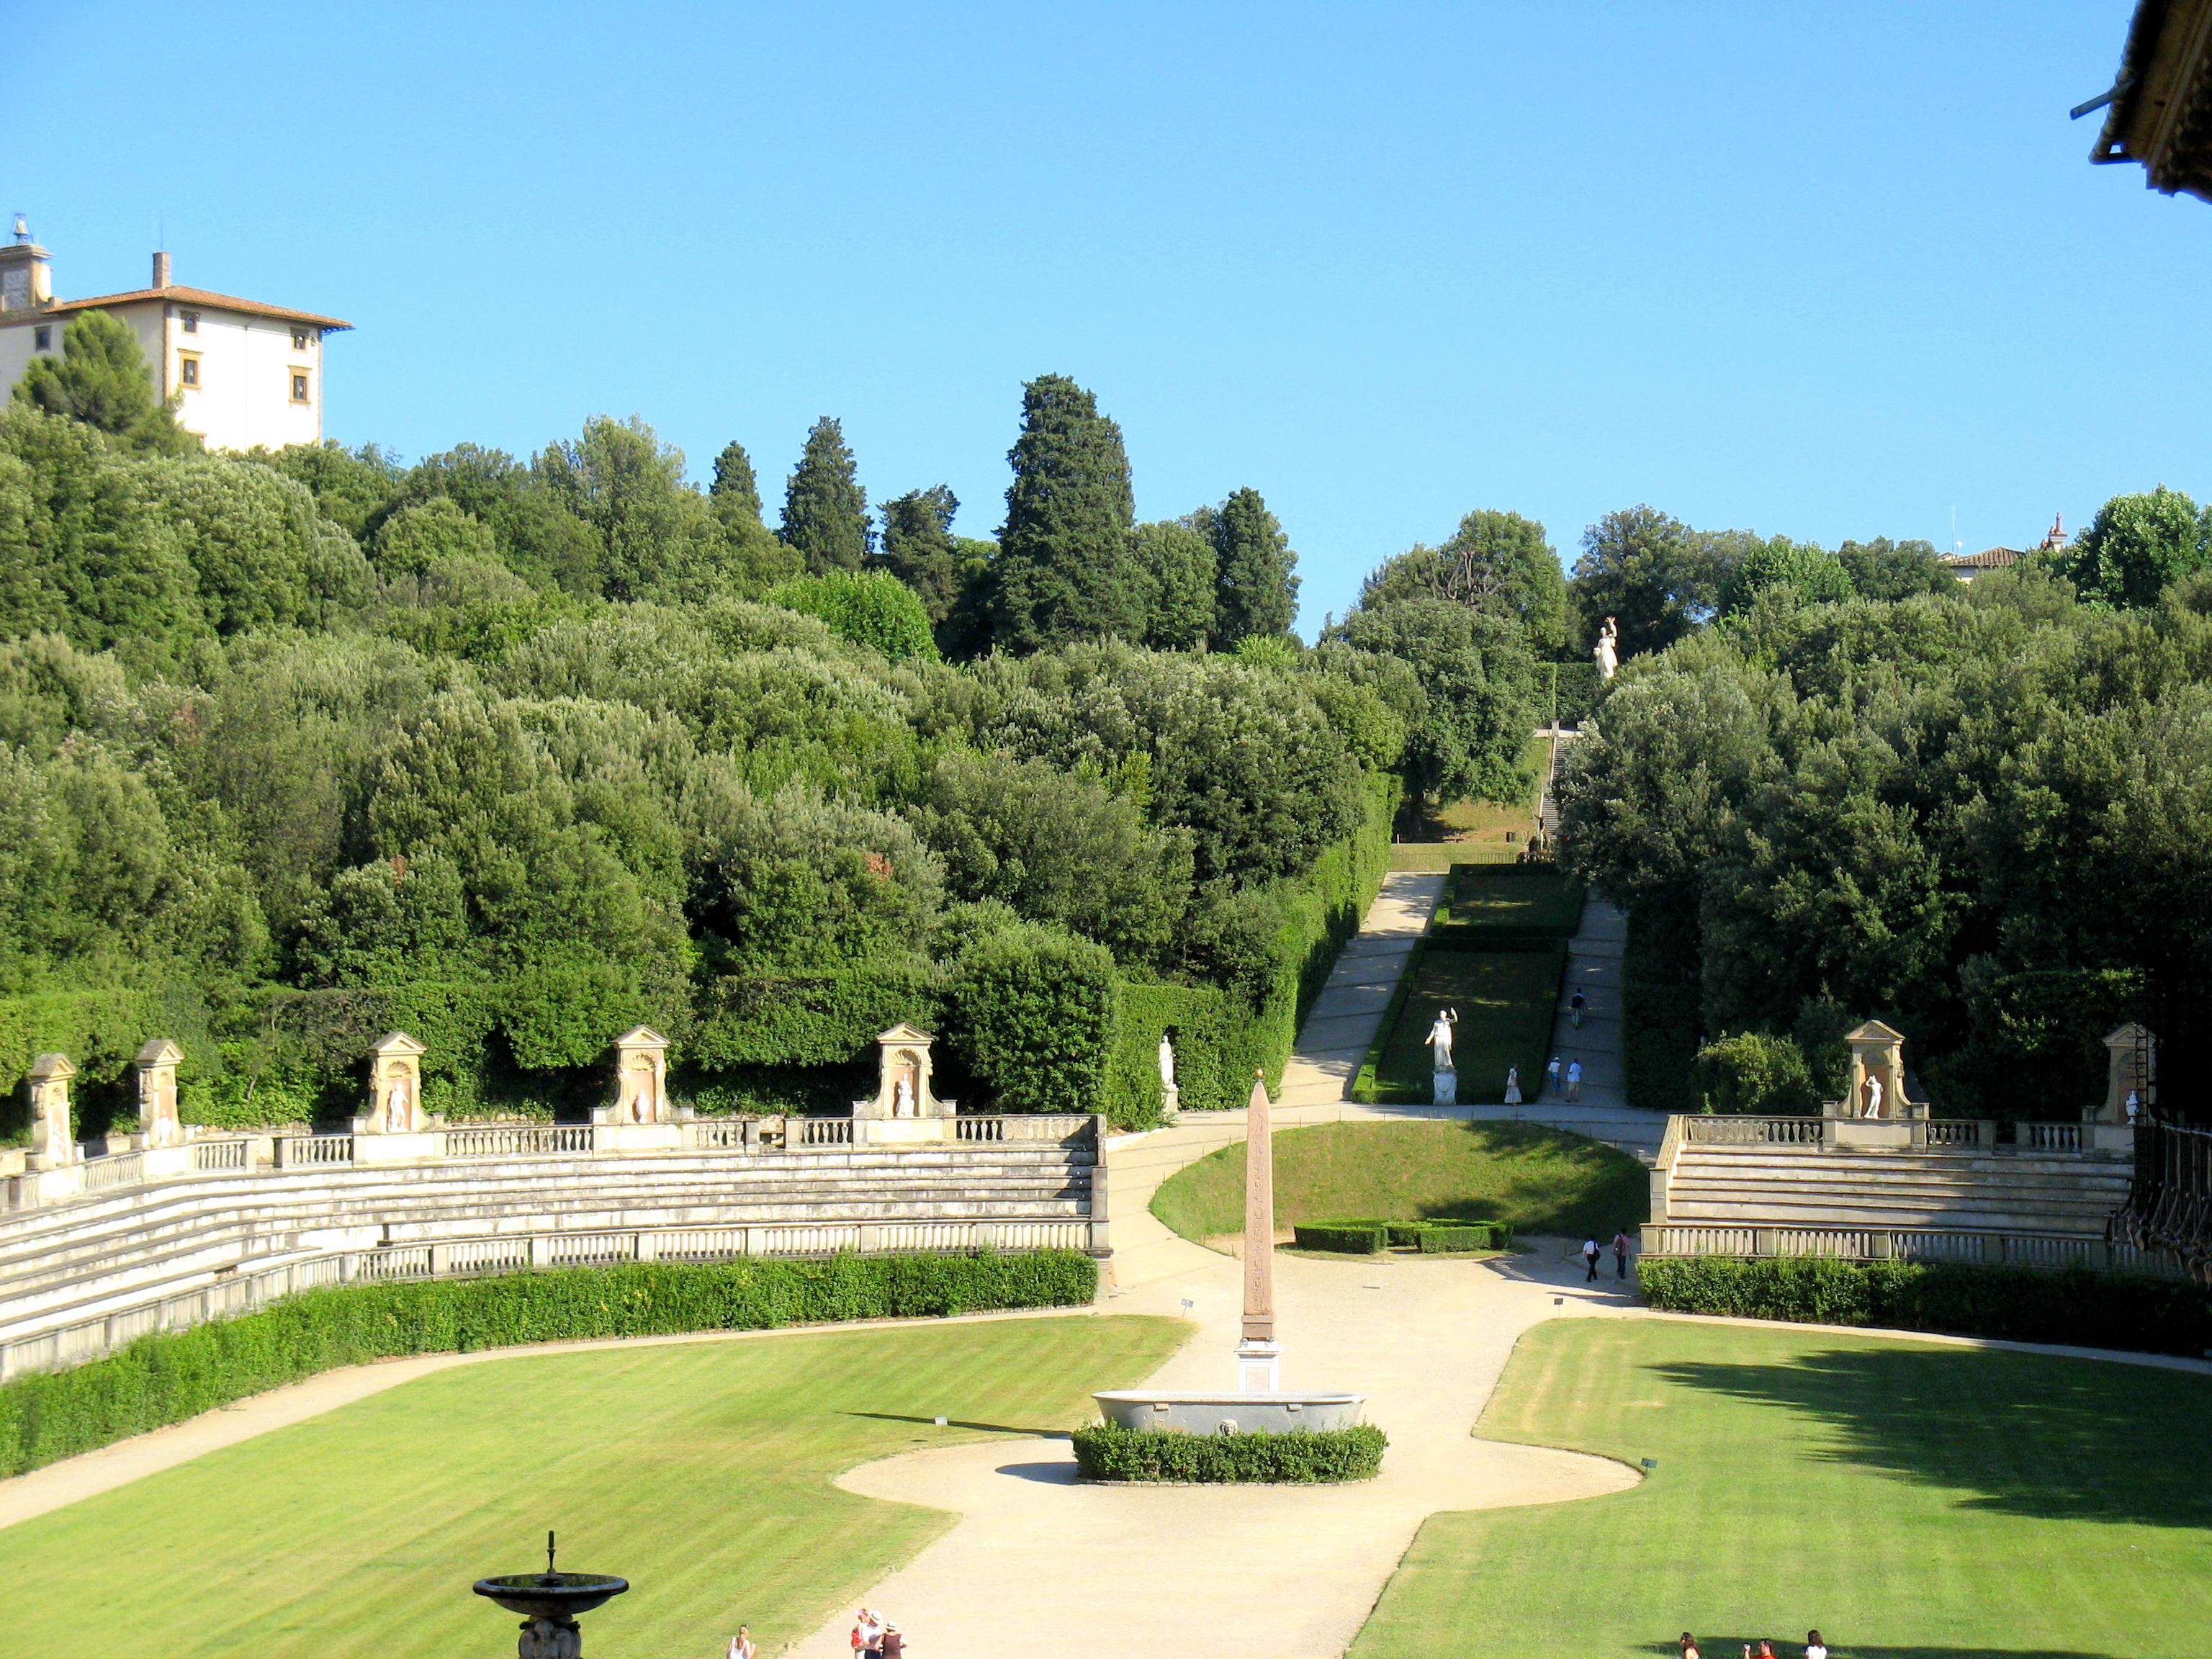 La svolta green dell'Italia: ecco le città più verdi